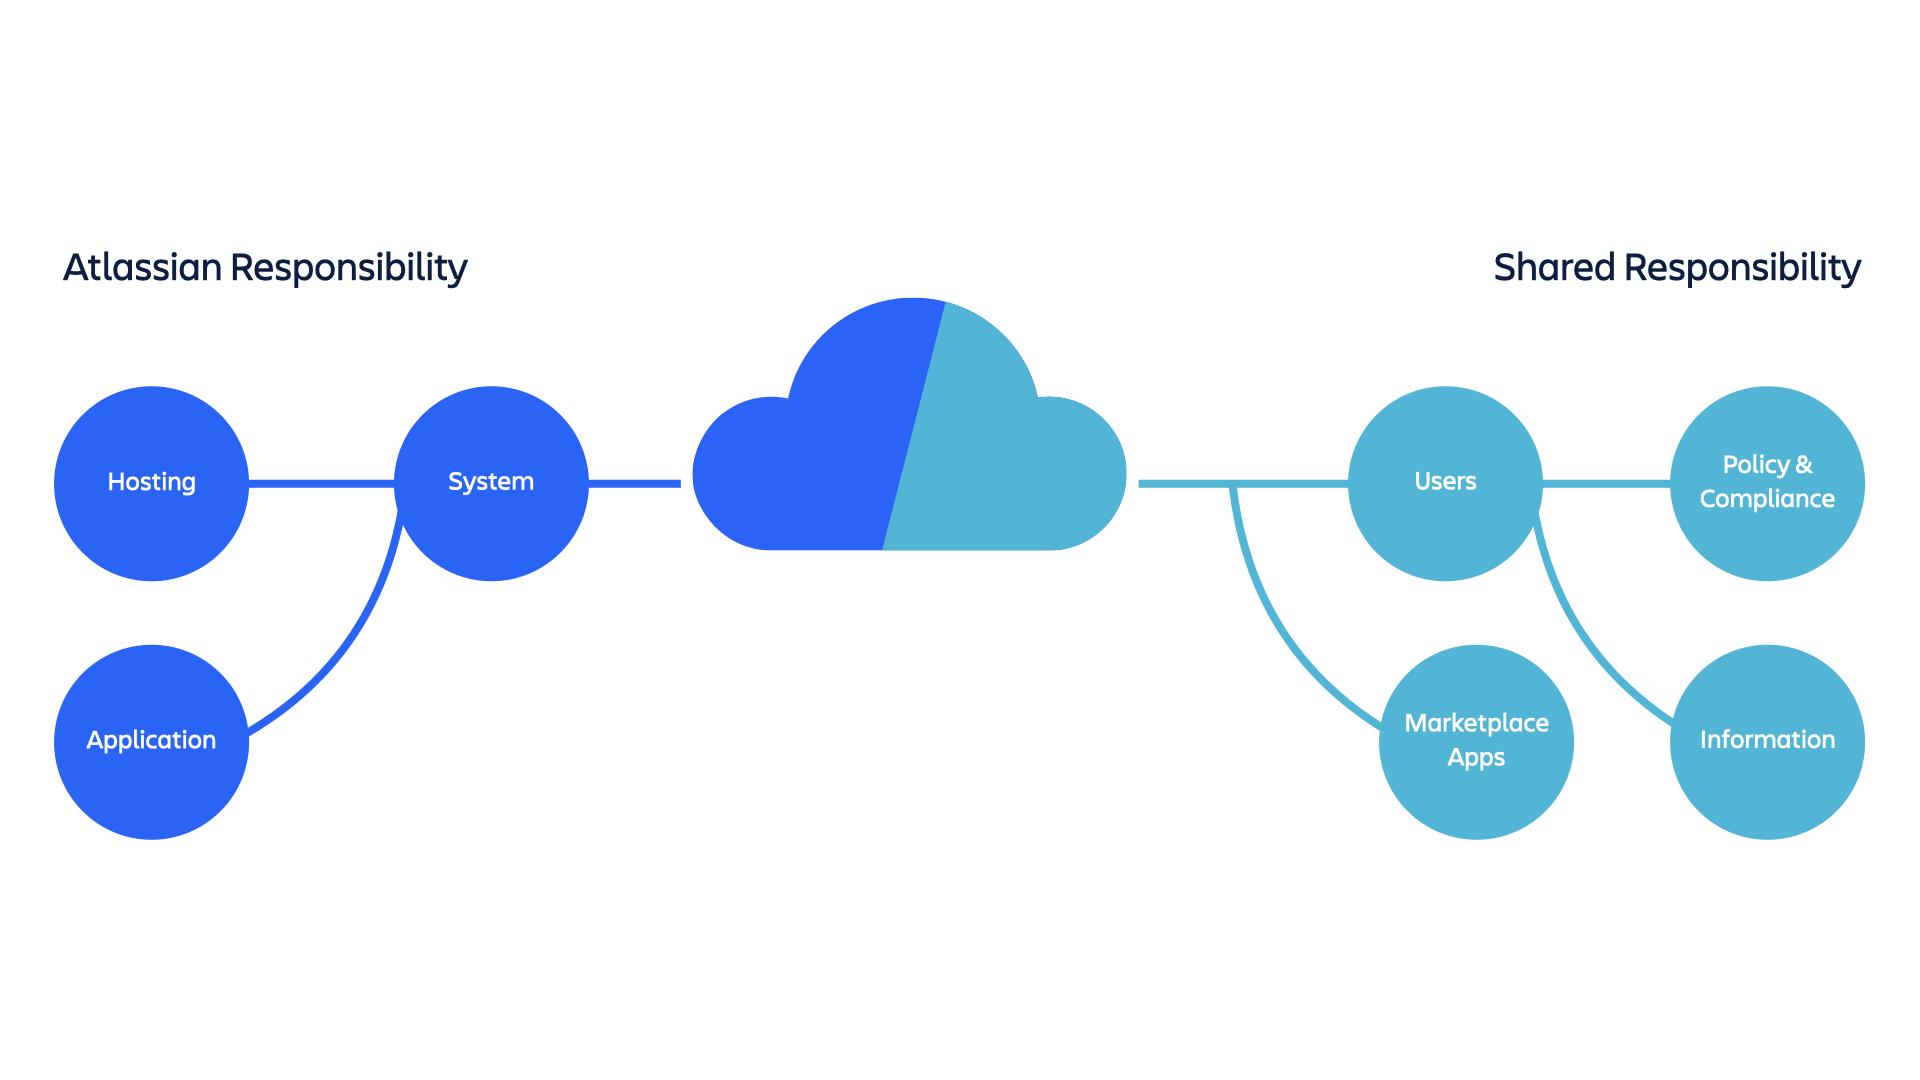 Diagrama de responsabilidad compartida y responsabilidad de Atlassian